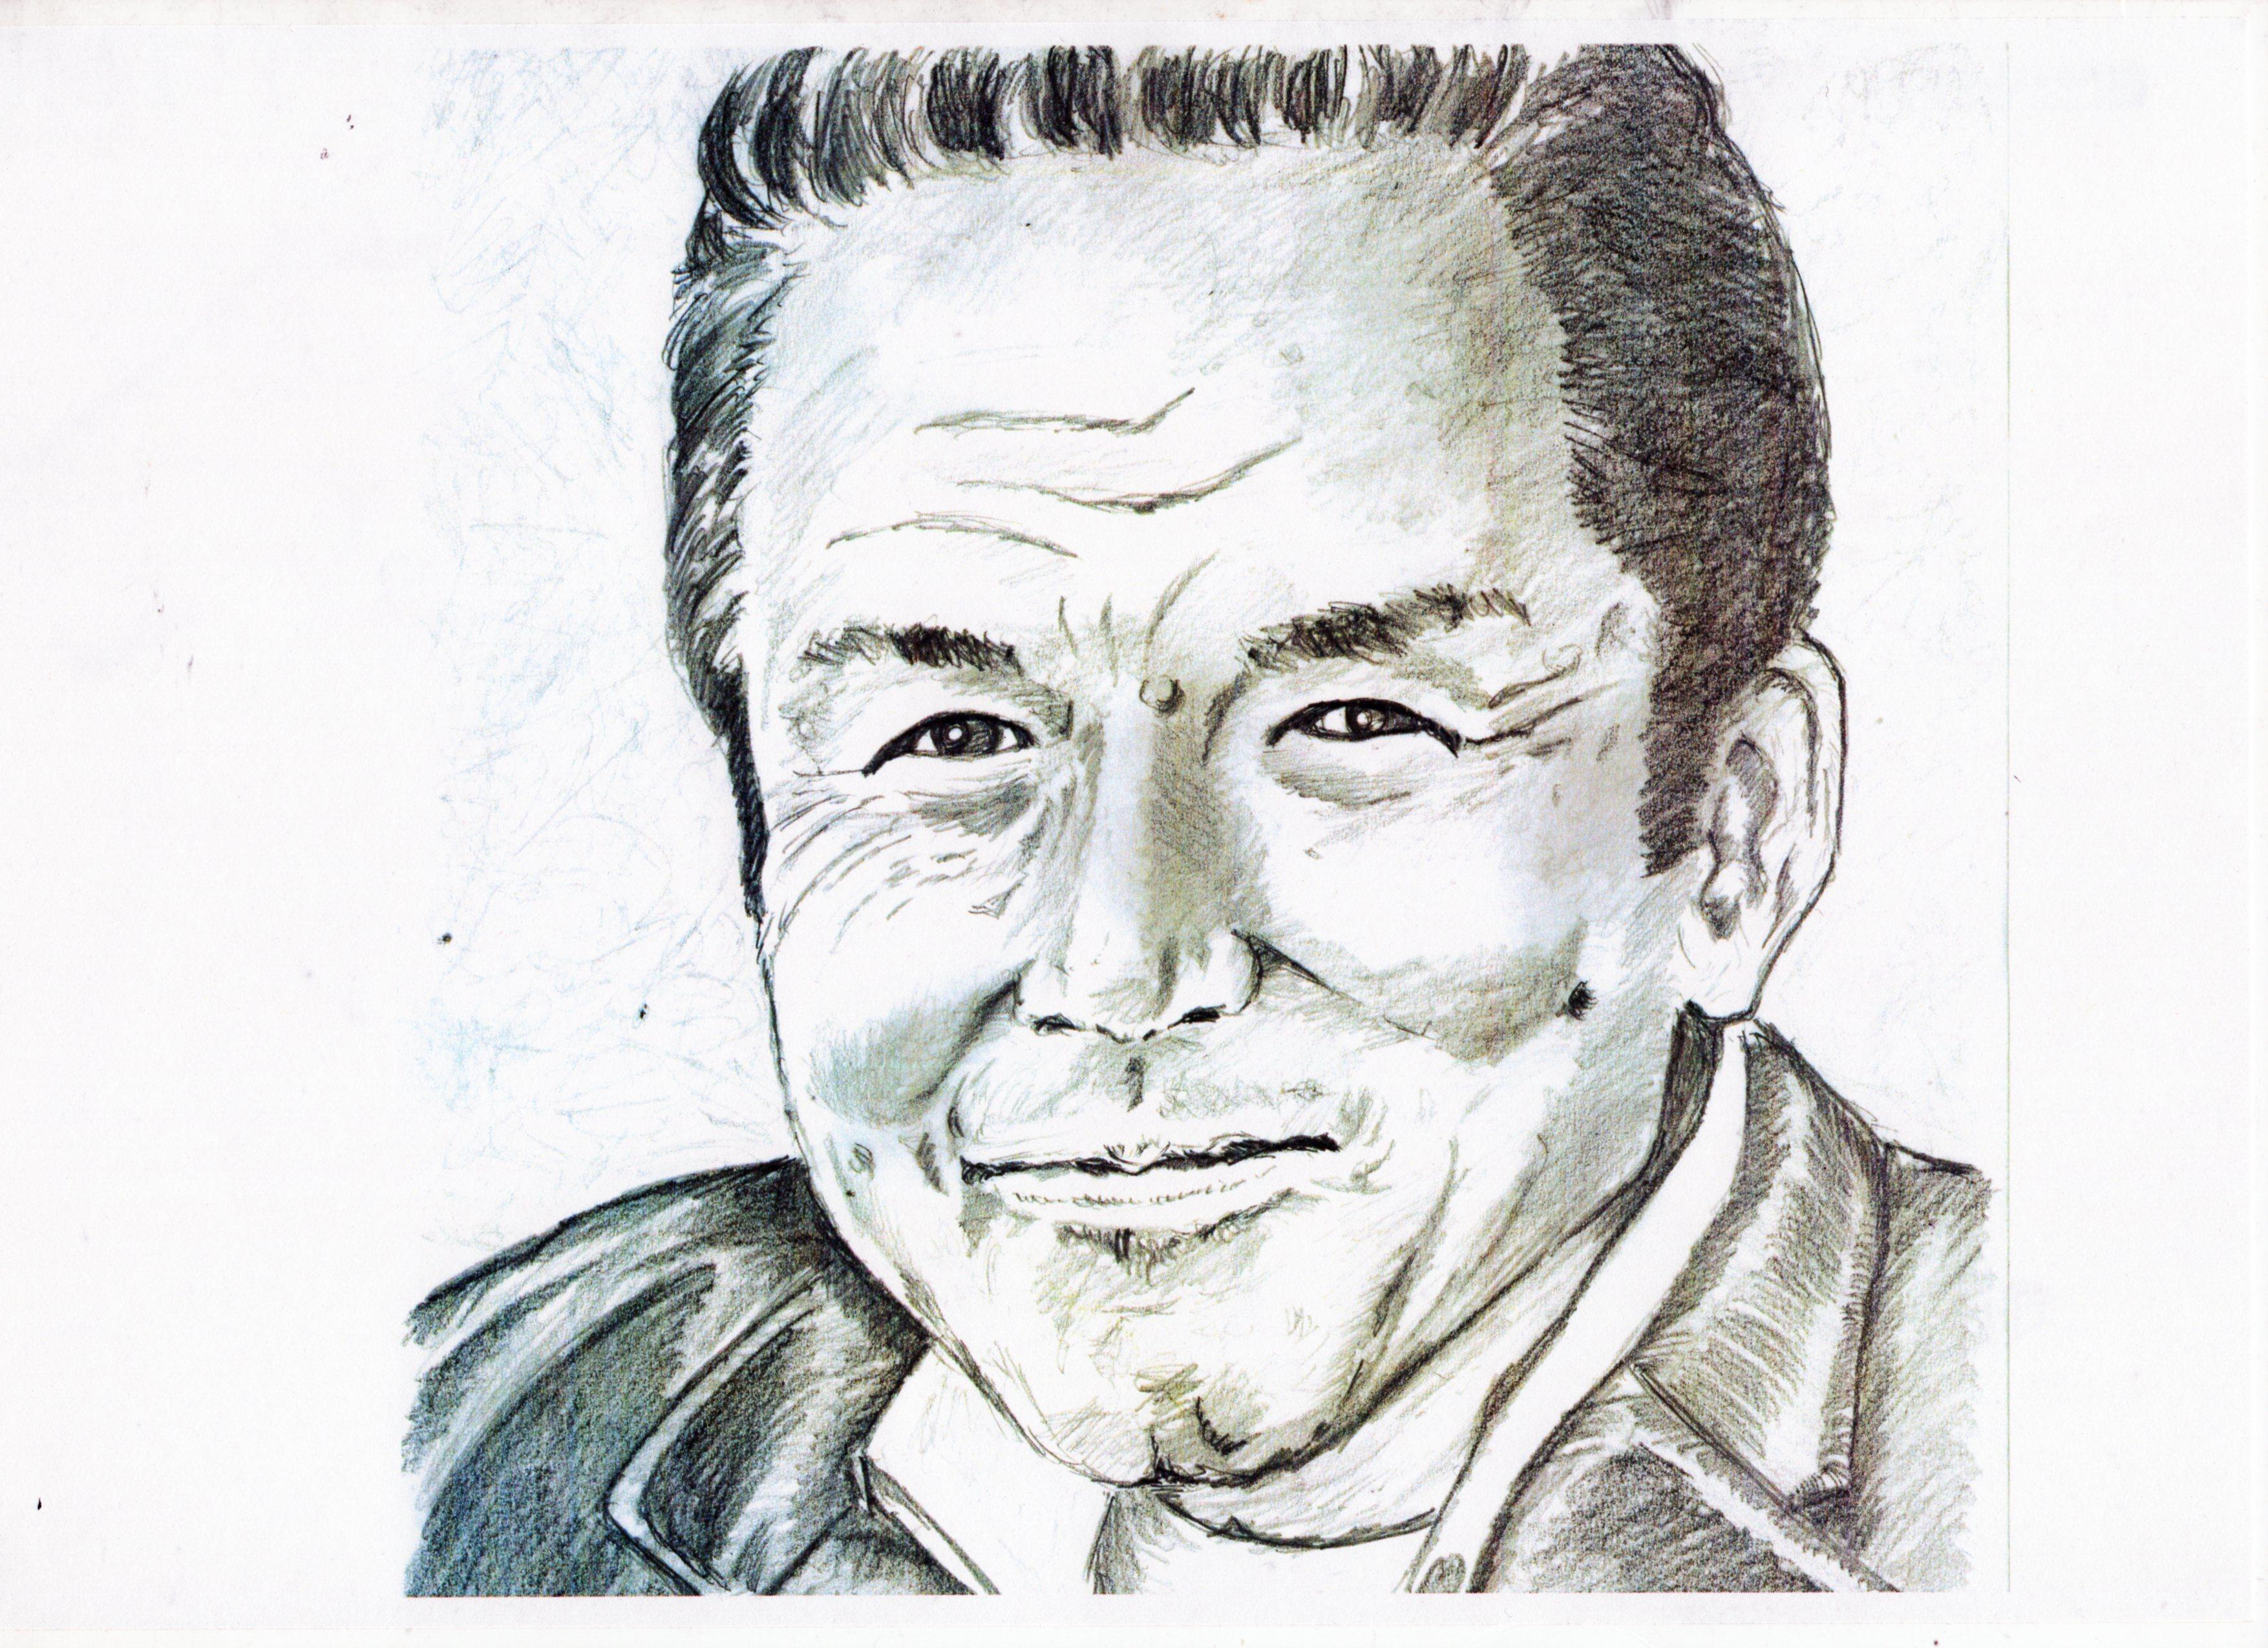 小林稔侍の鉛筆画似顔絵